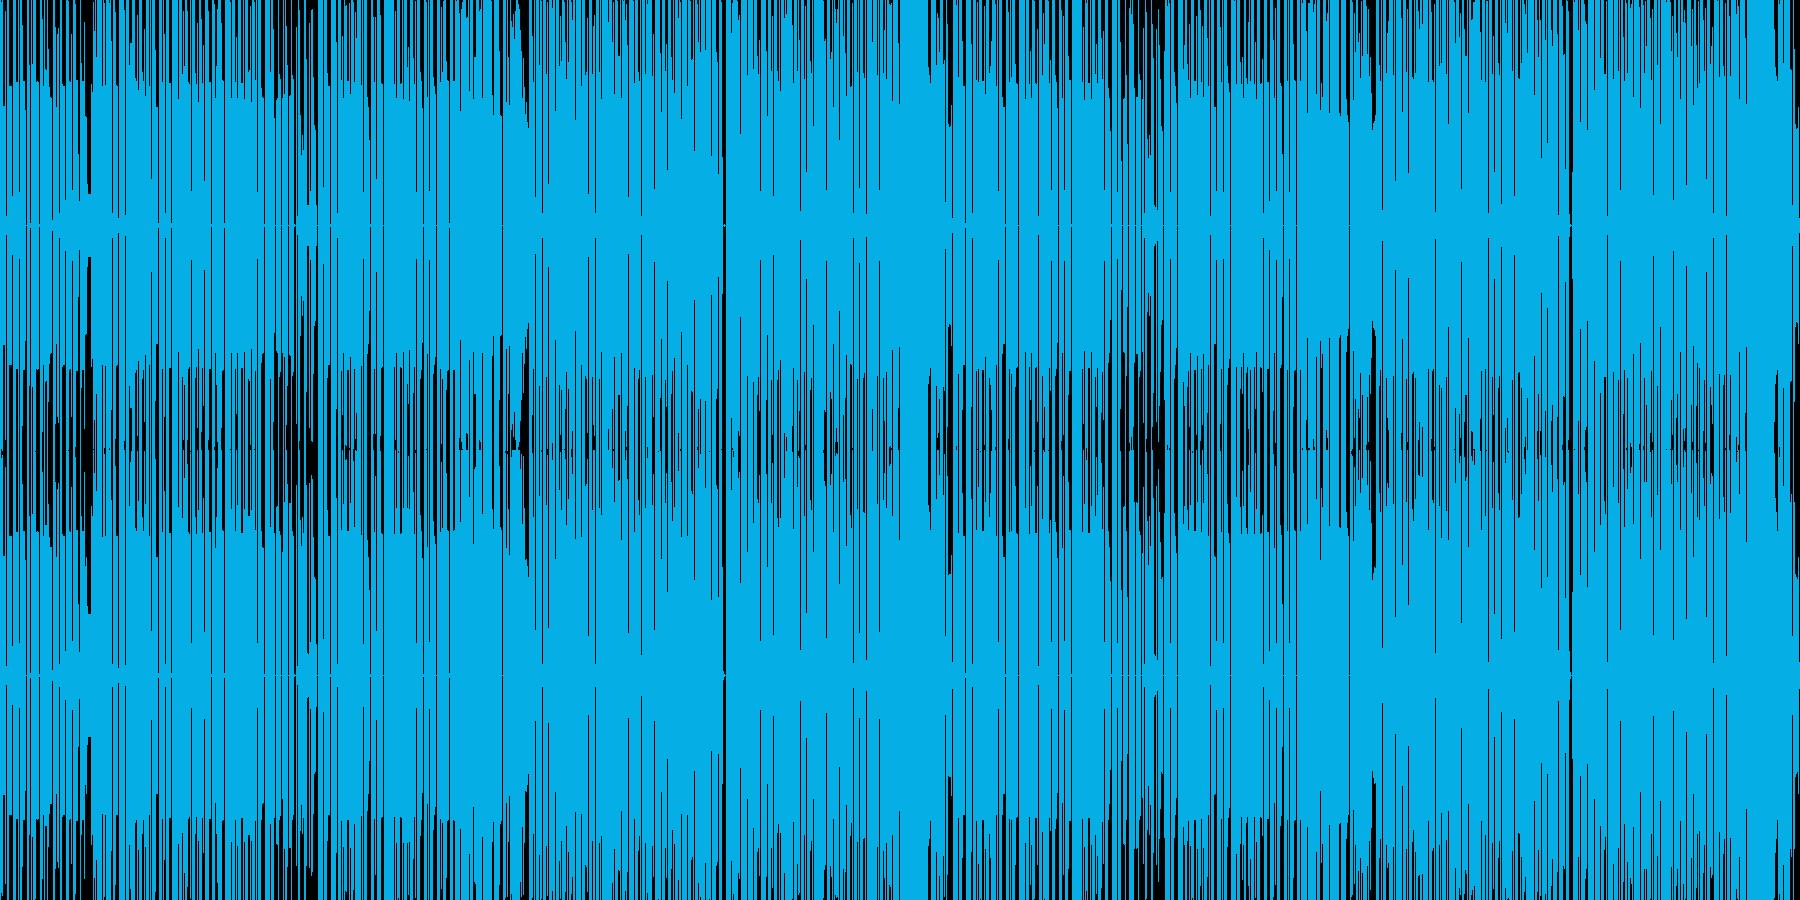 楽しいチップチューン 番組オープニングにの再生済みの波形